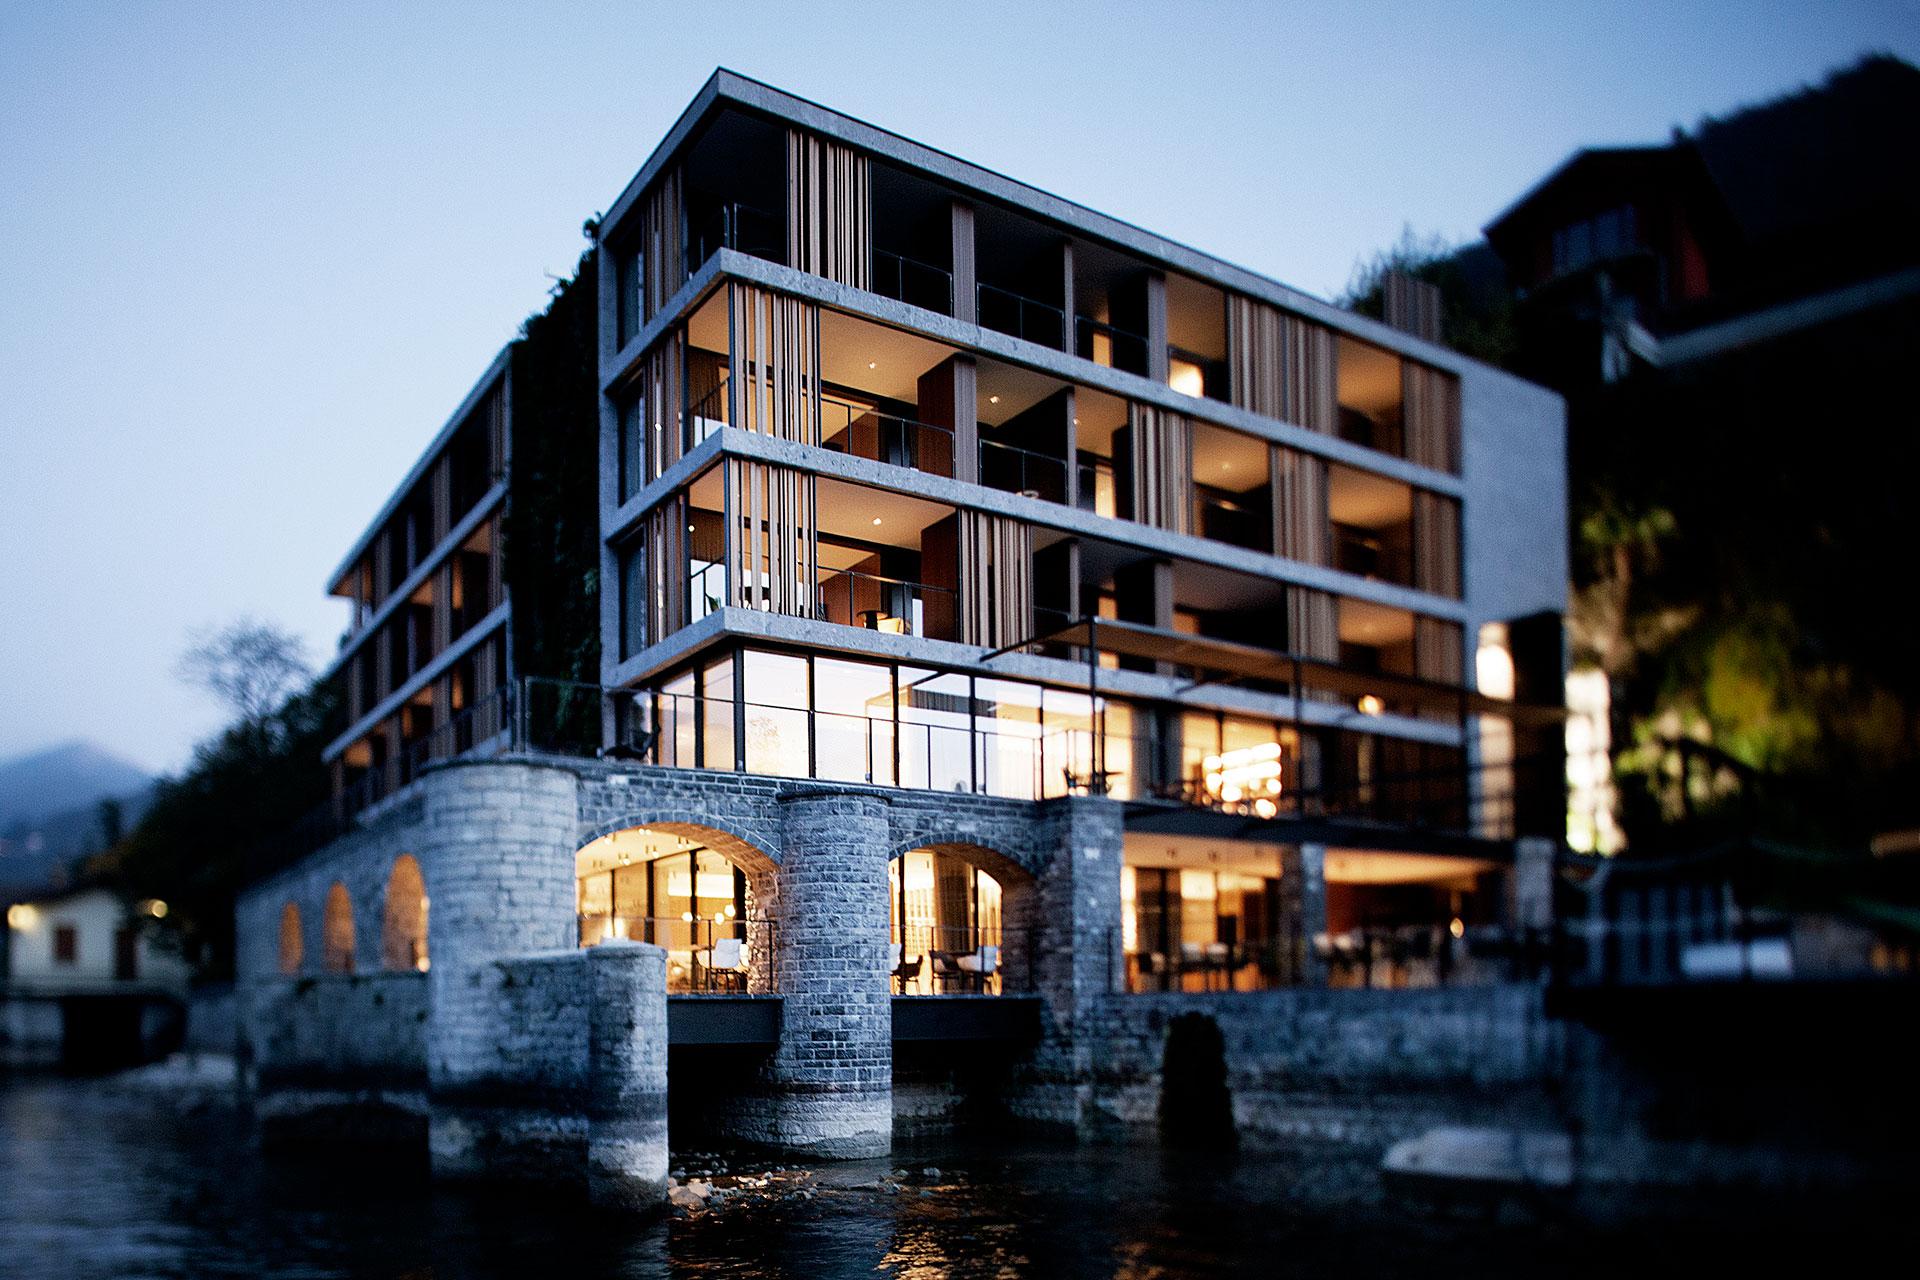 Hotel Le Sereno, Lago di Como by Patricia Urquiola & SCE Project